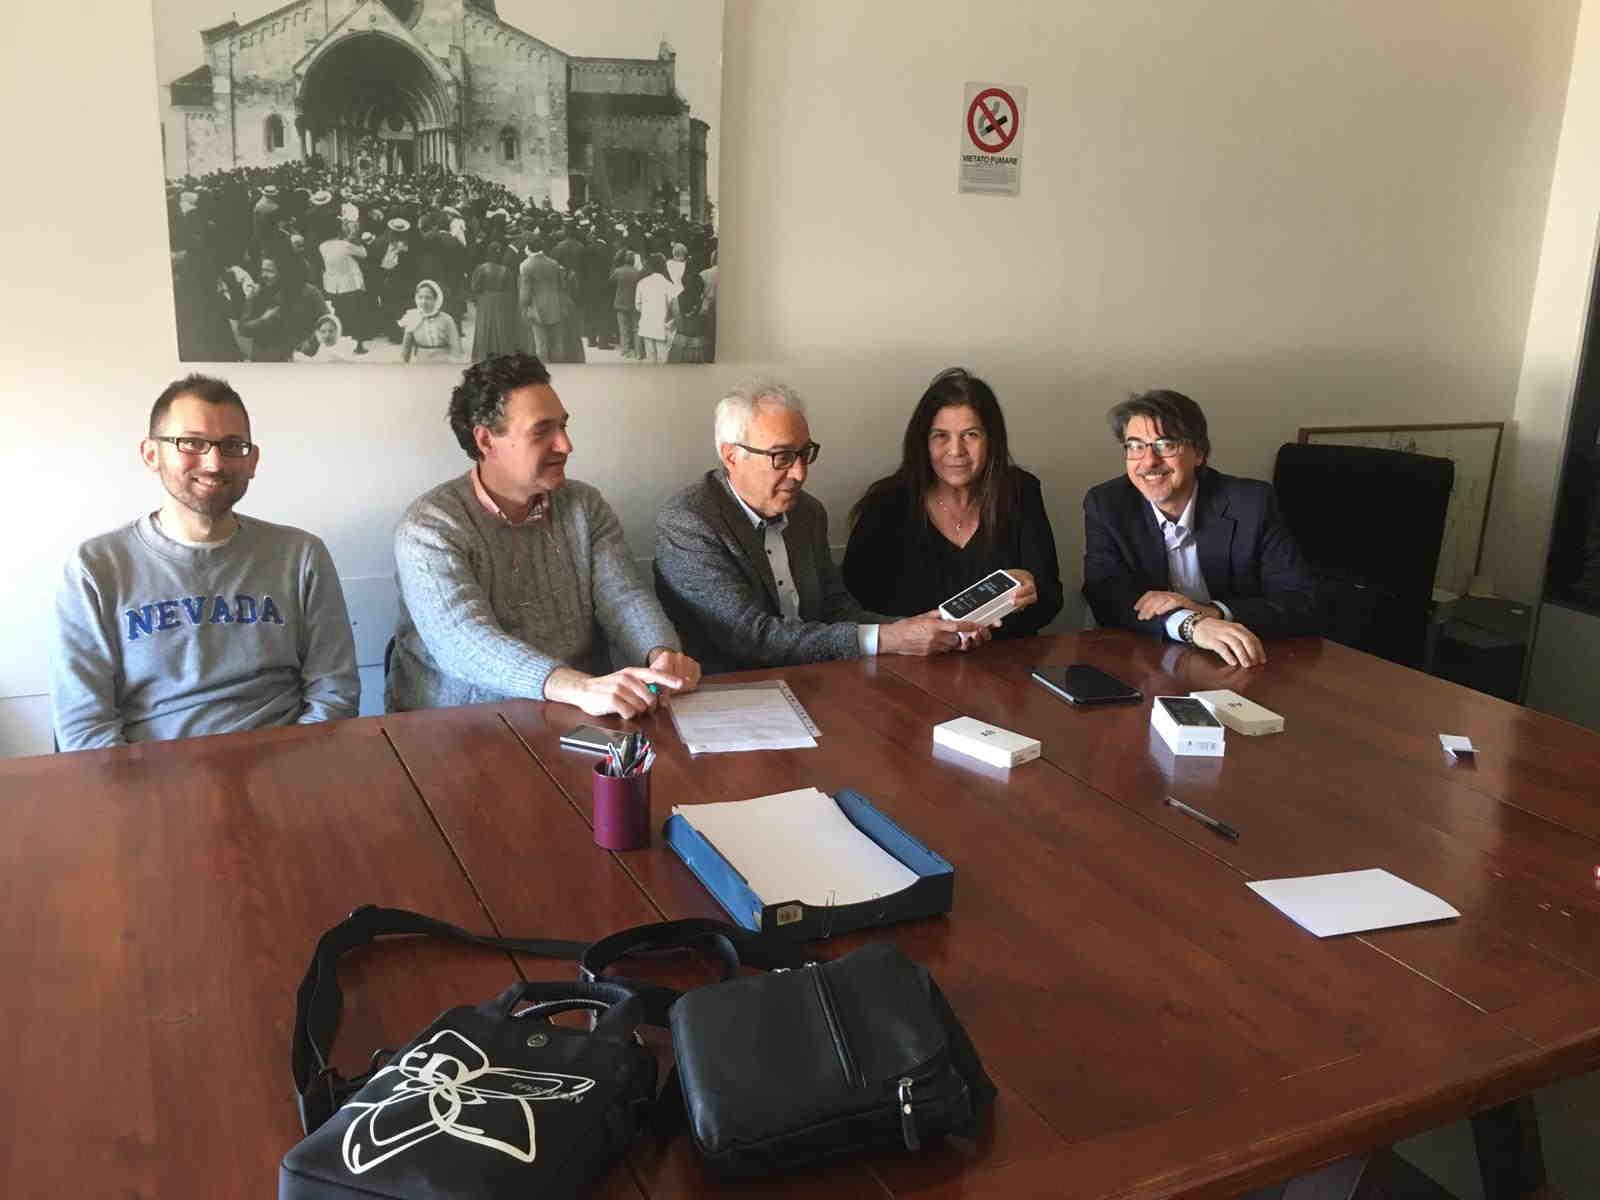 Incontro presso il Comune di Ancona con l'Assessore Manarini